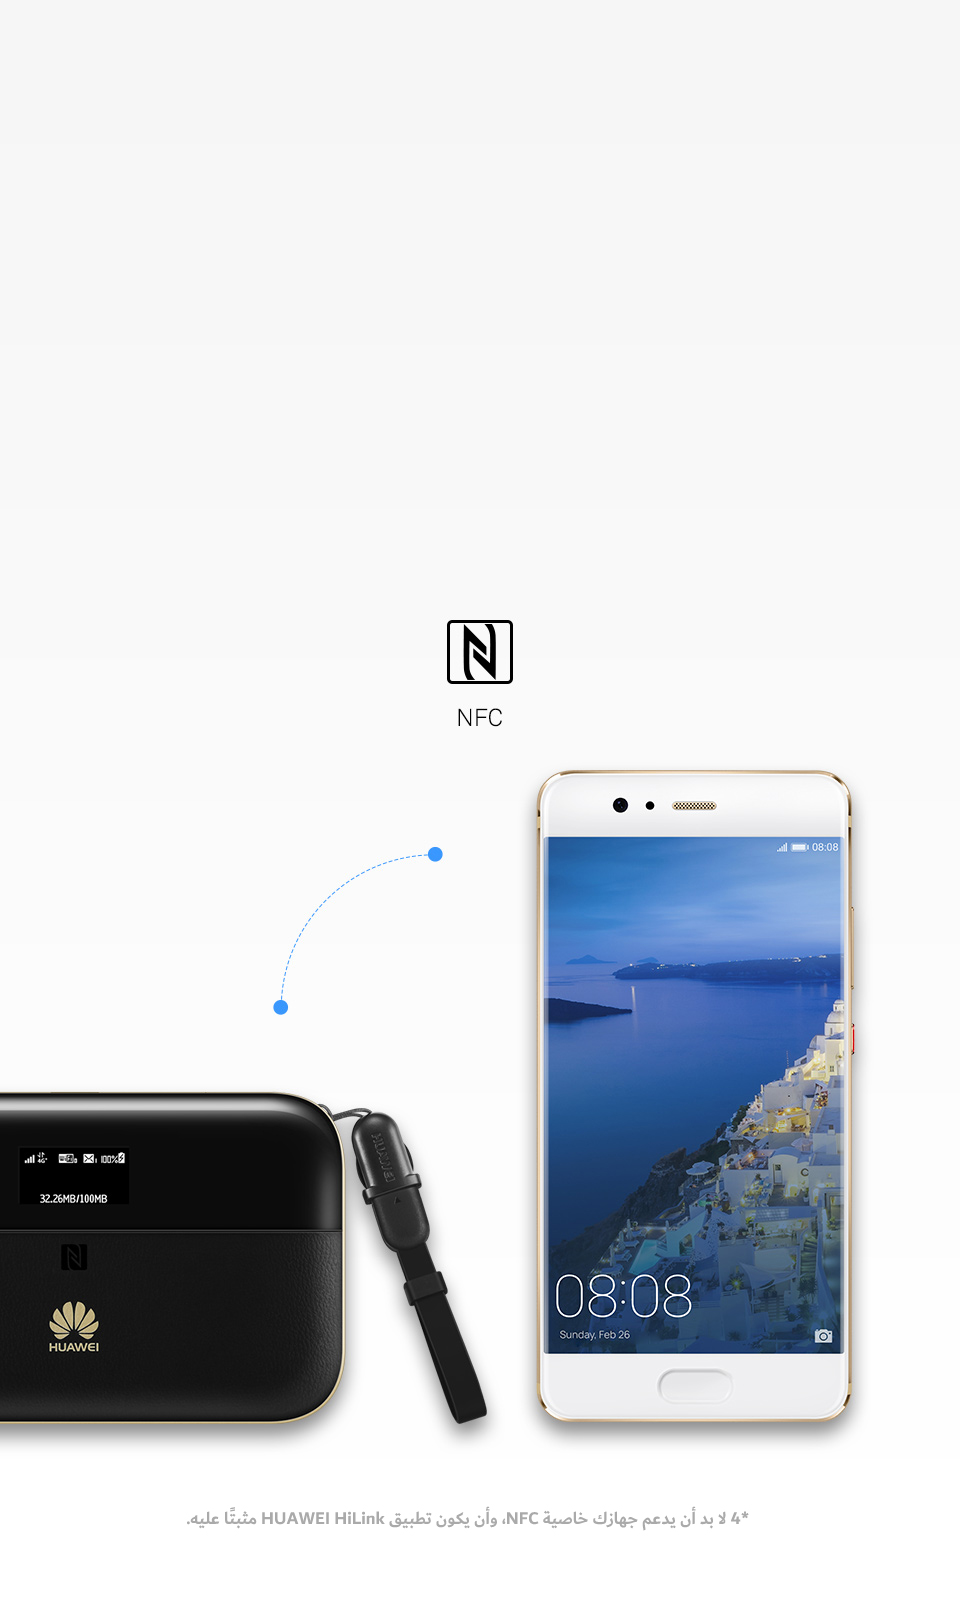 اتصال بالشبكة اللاسلكية مع تمكين خاصية NFC بلمسة واحدة فقط